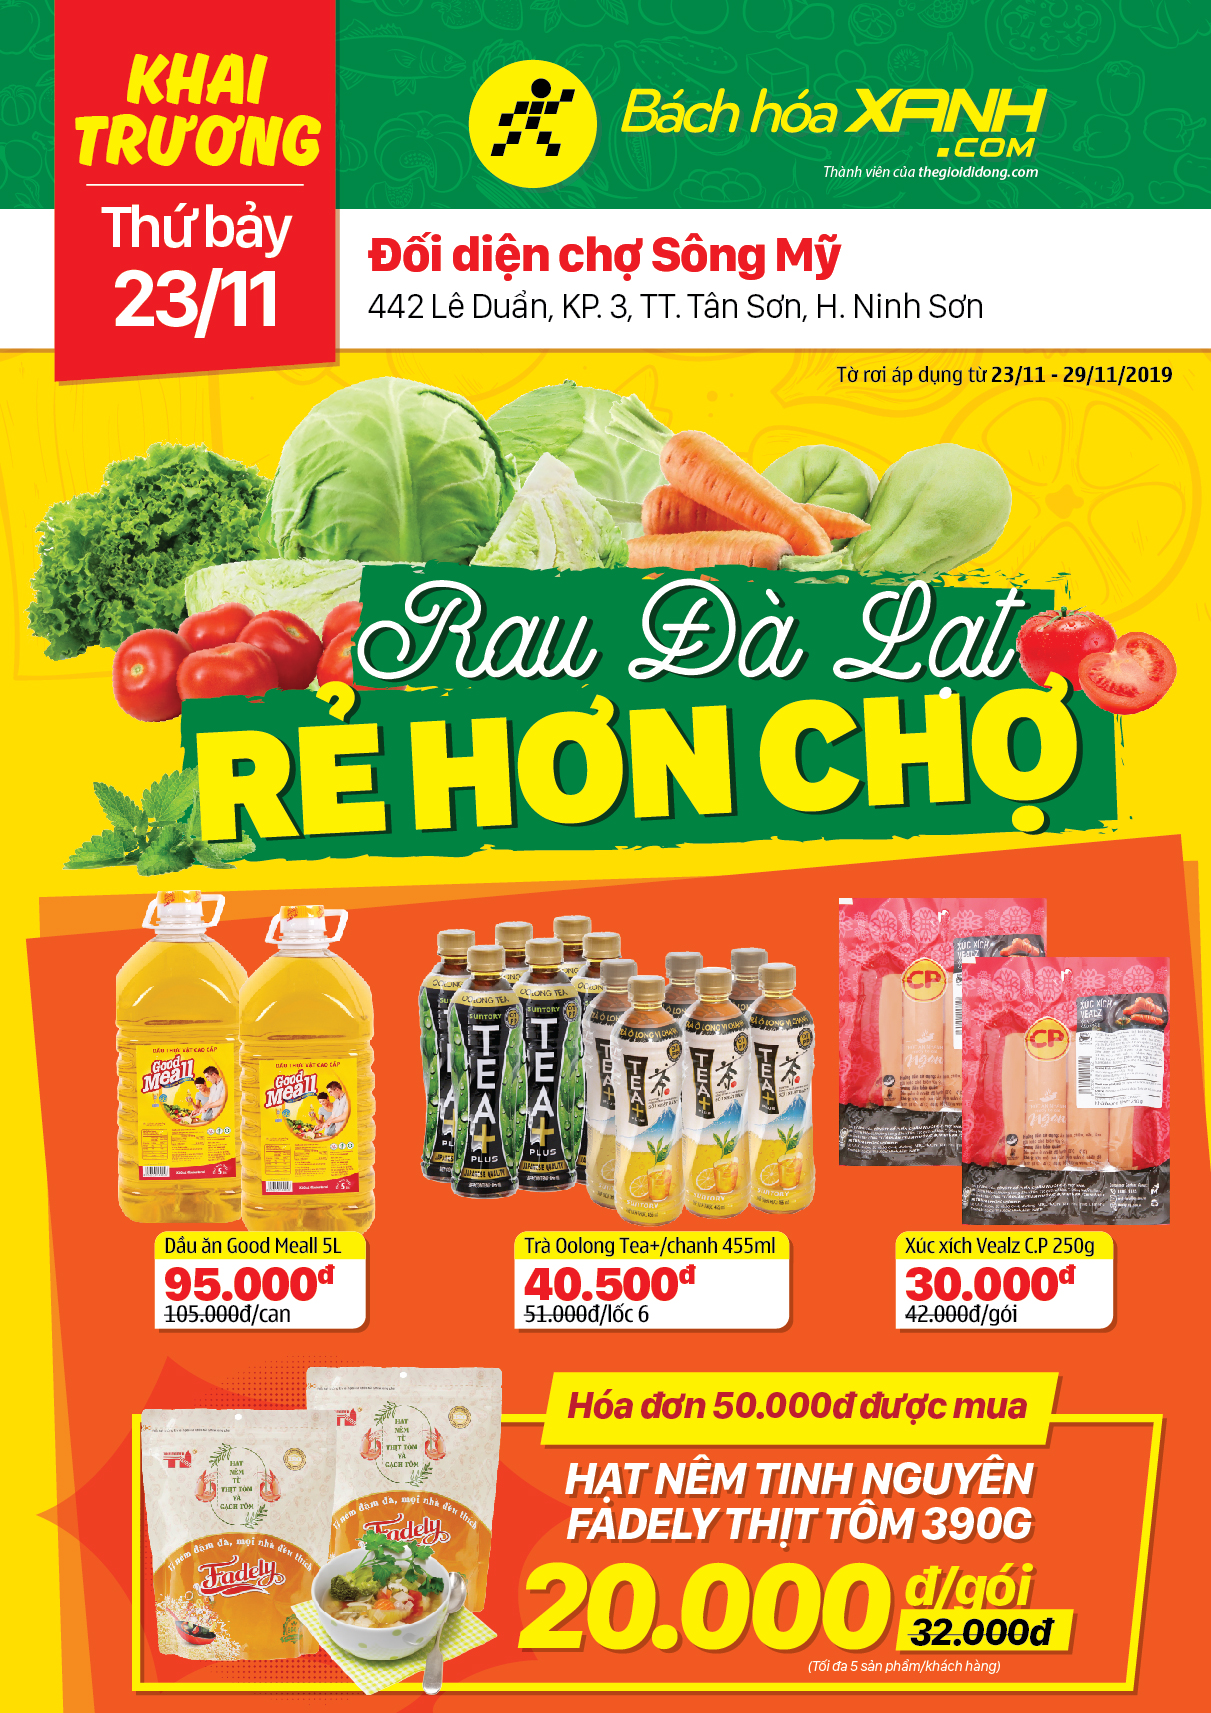 Cửa hàng Bách hoá XANH 442 Lê Duẩn, TT. Tân Sơn khai trương 23/11/2019